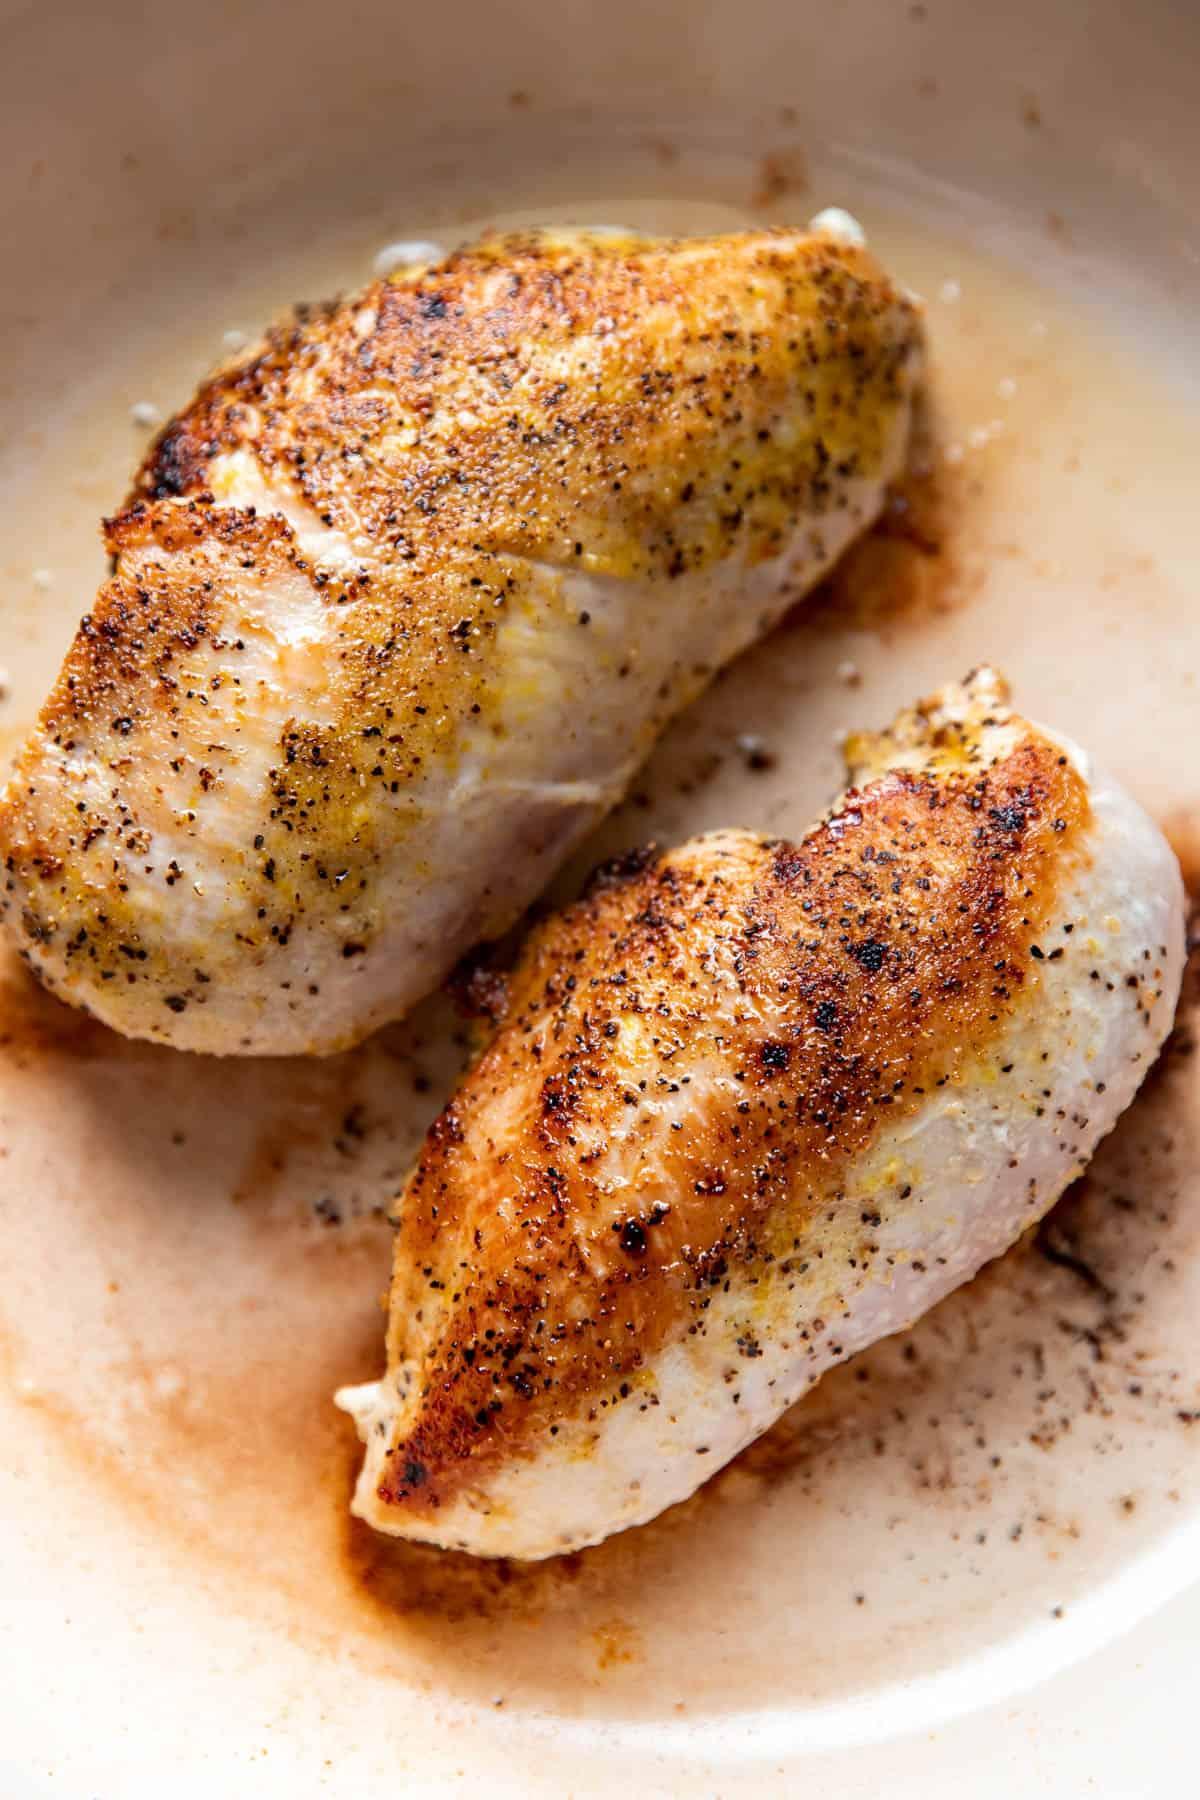 lemon pepper seasoned chicken.